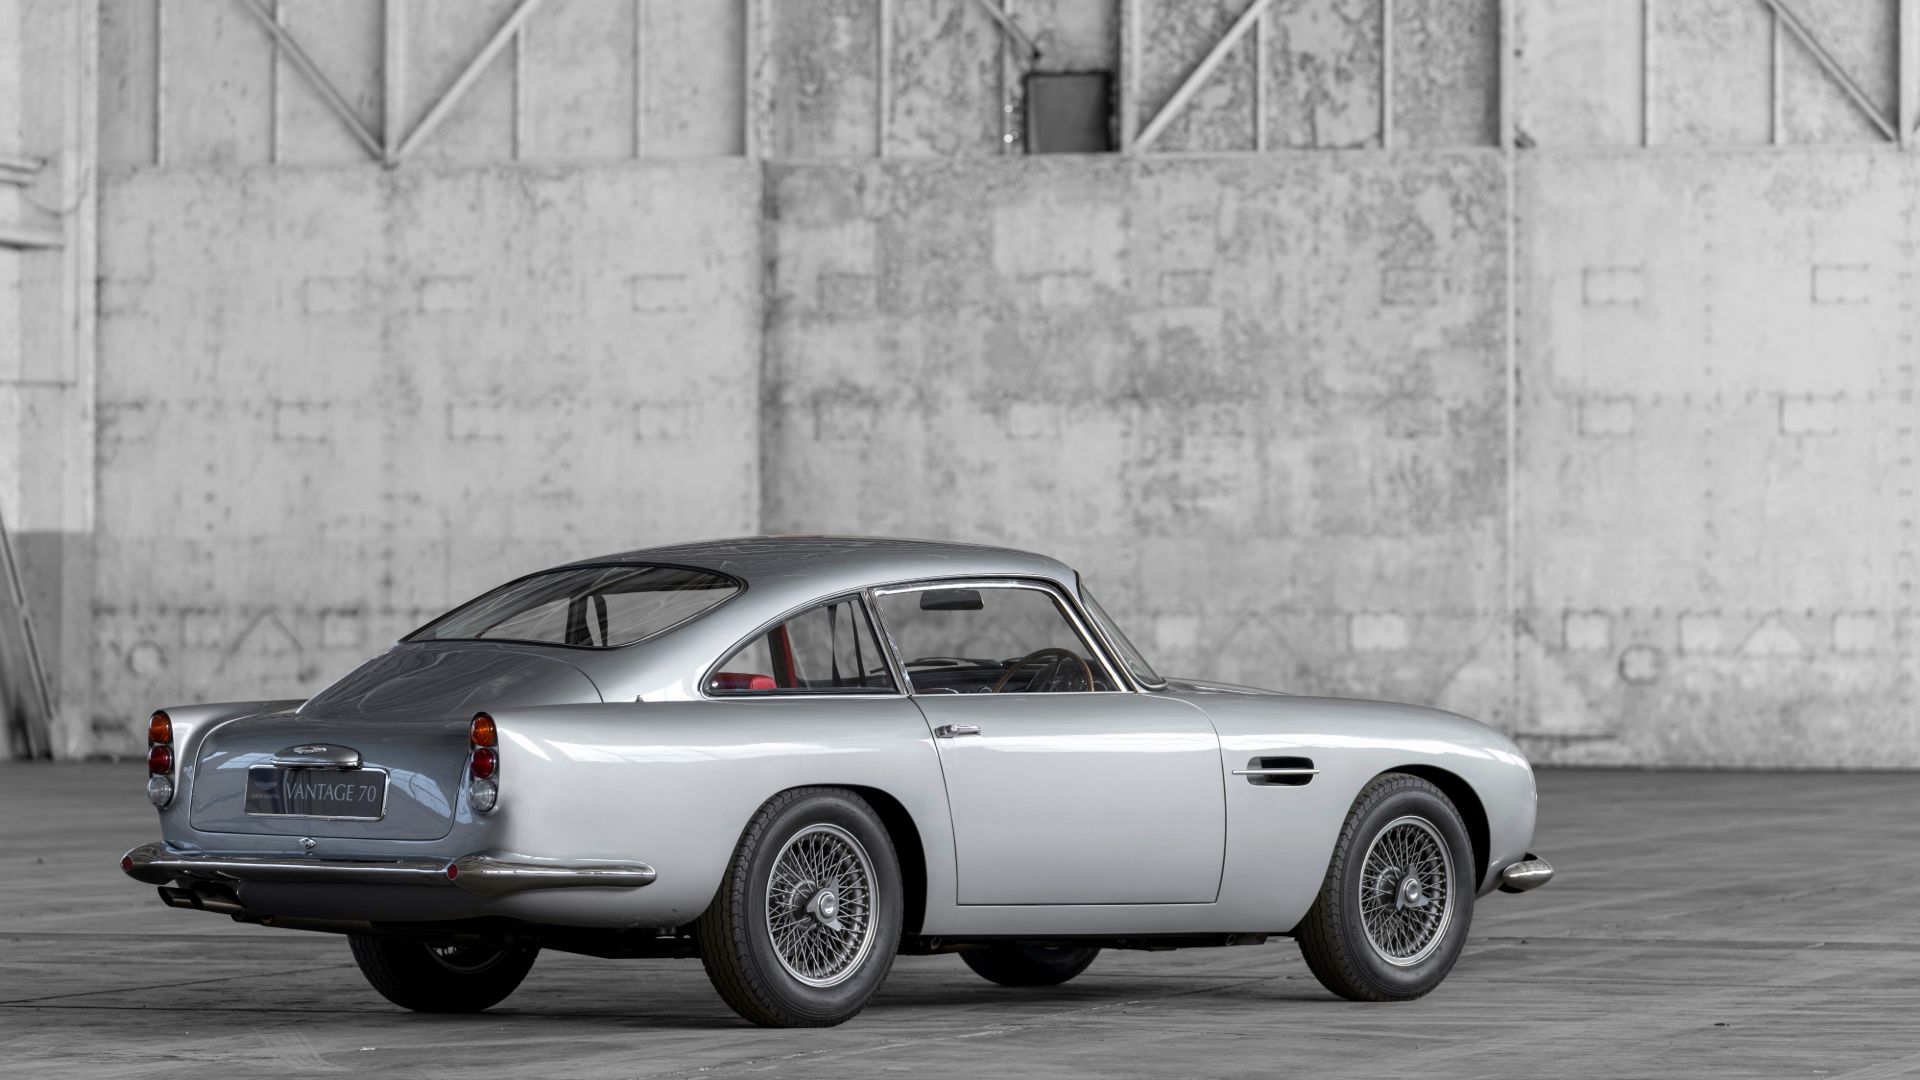 DB4 Vantage: Ad-vantage Mr Bond